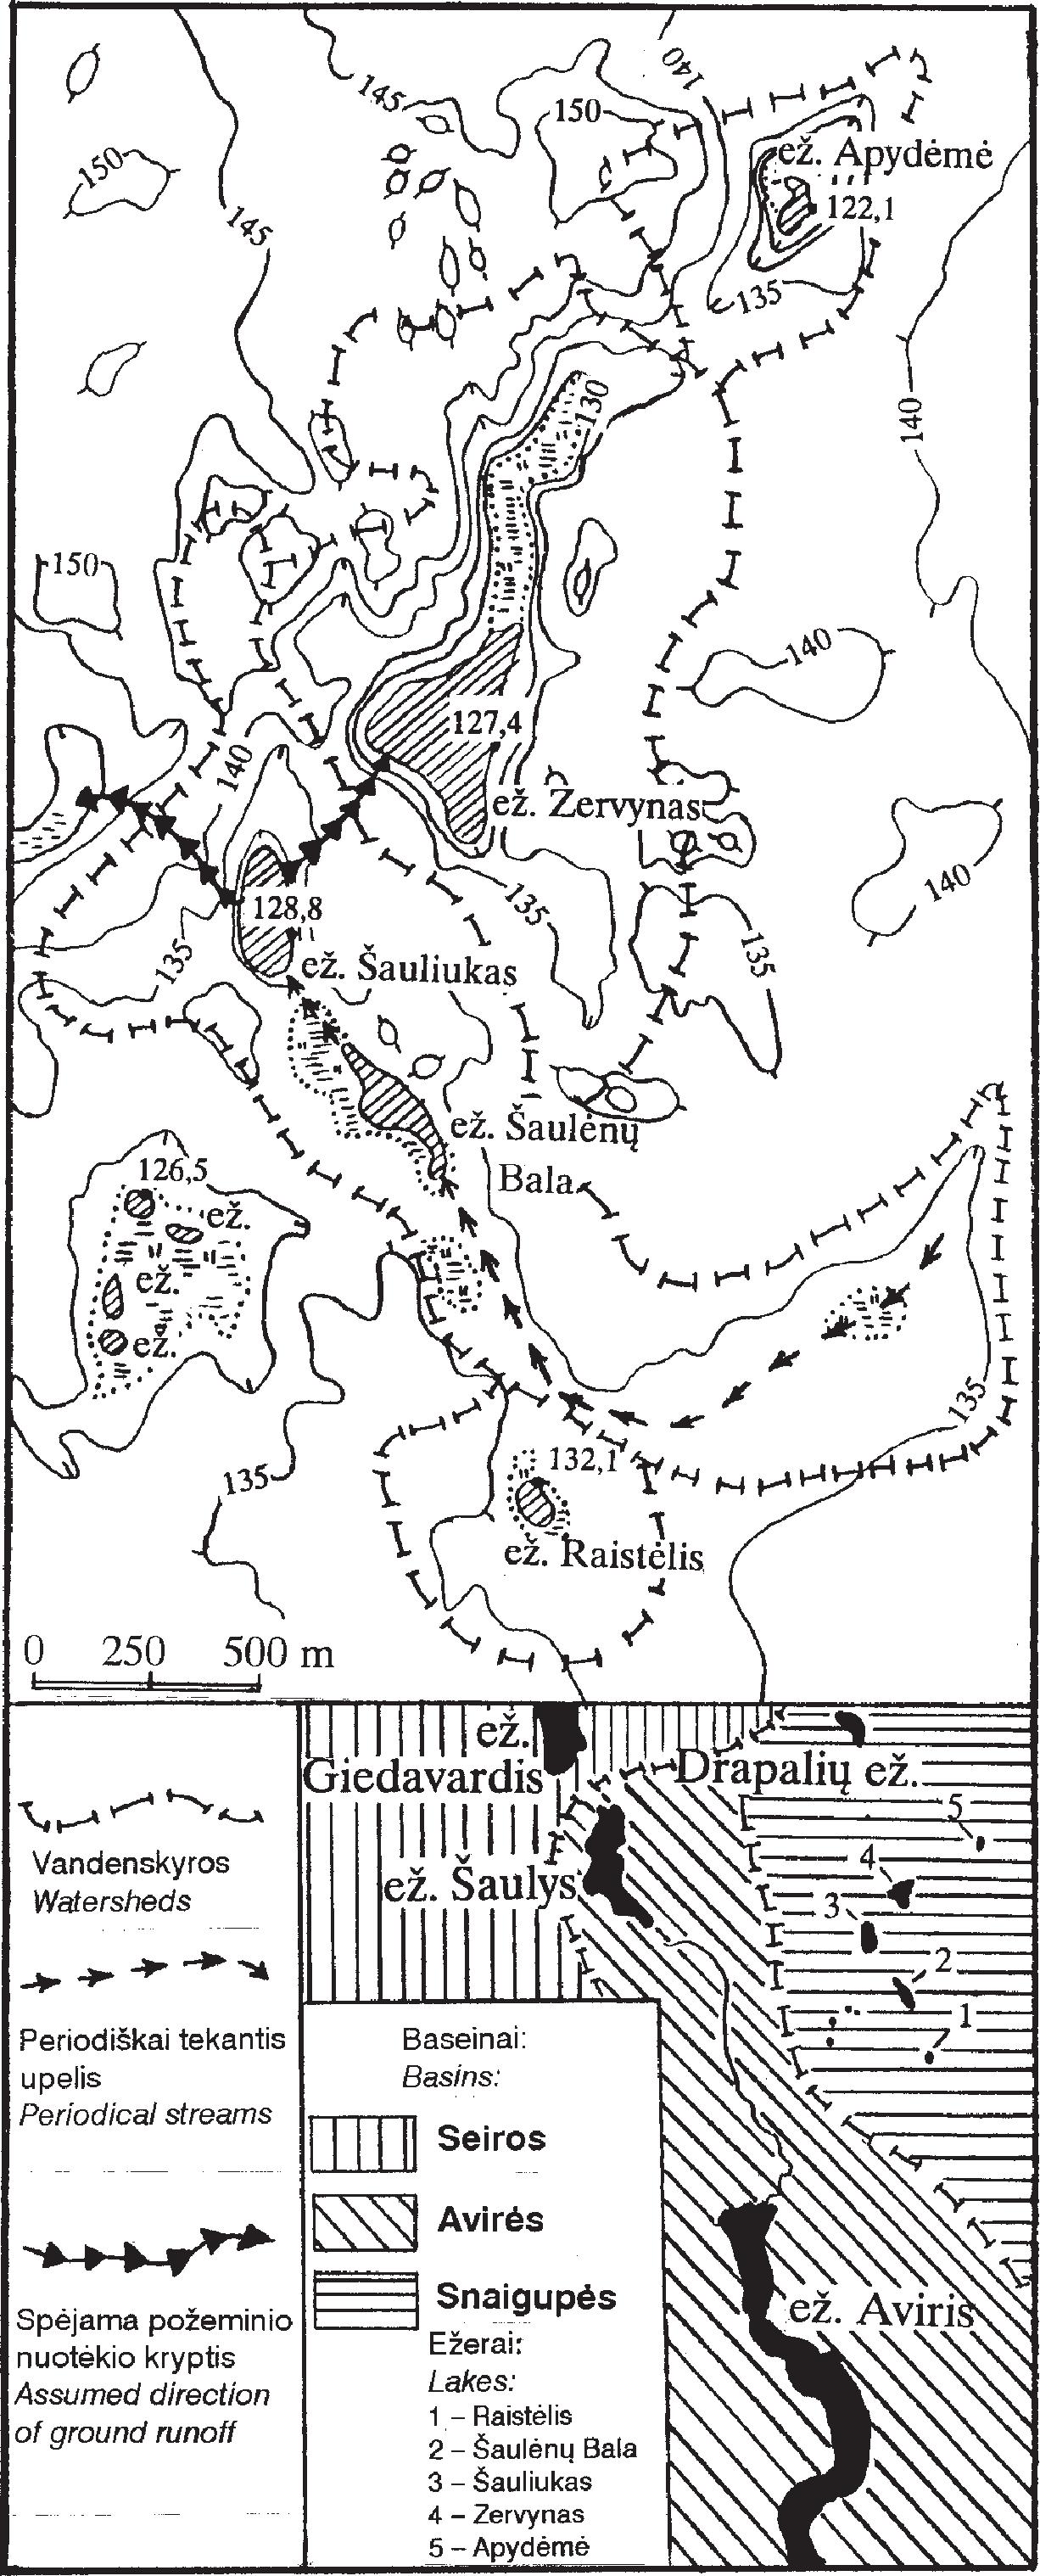 Pav. Ekspedicijose tirta Snaigupės baseino dalis / Fig. Part of the Snaigupė basin investigated in situ